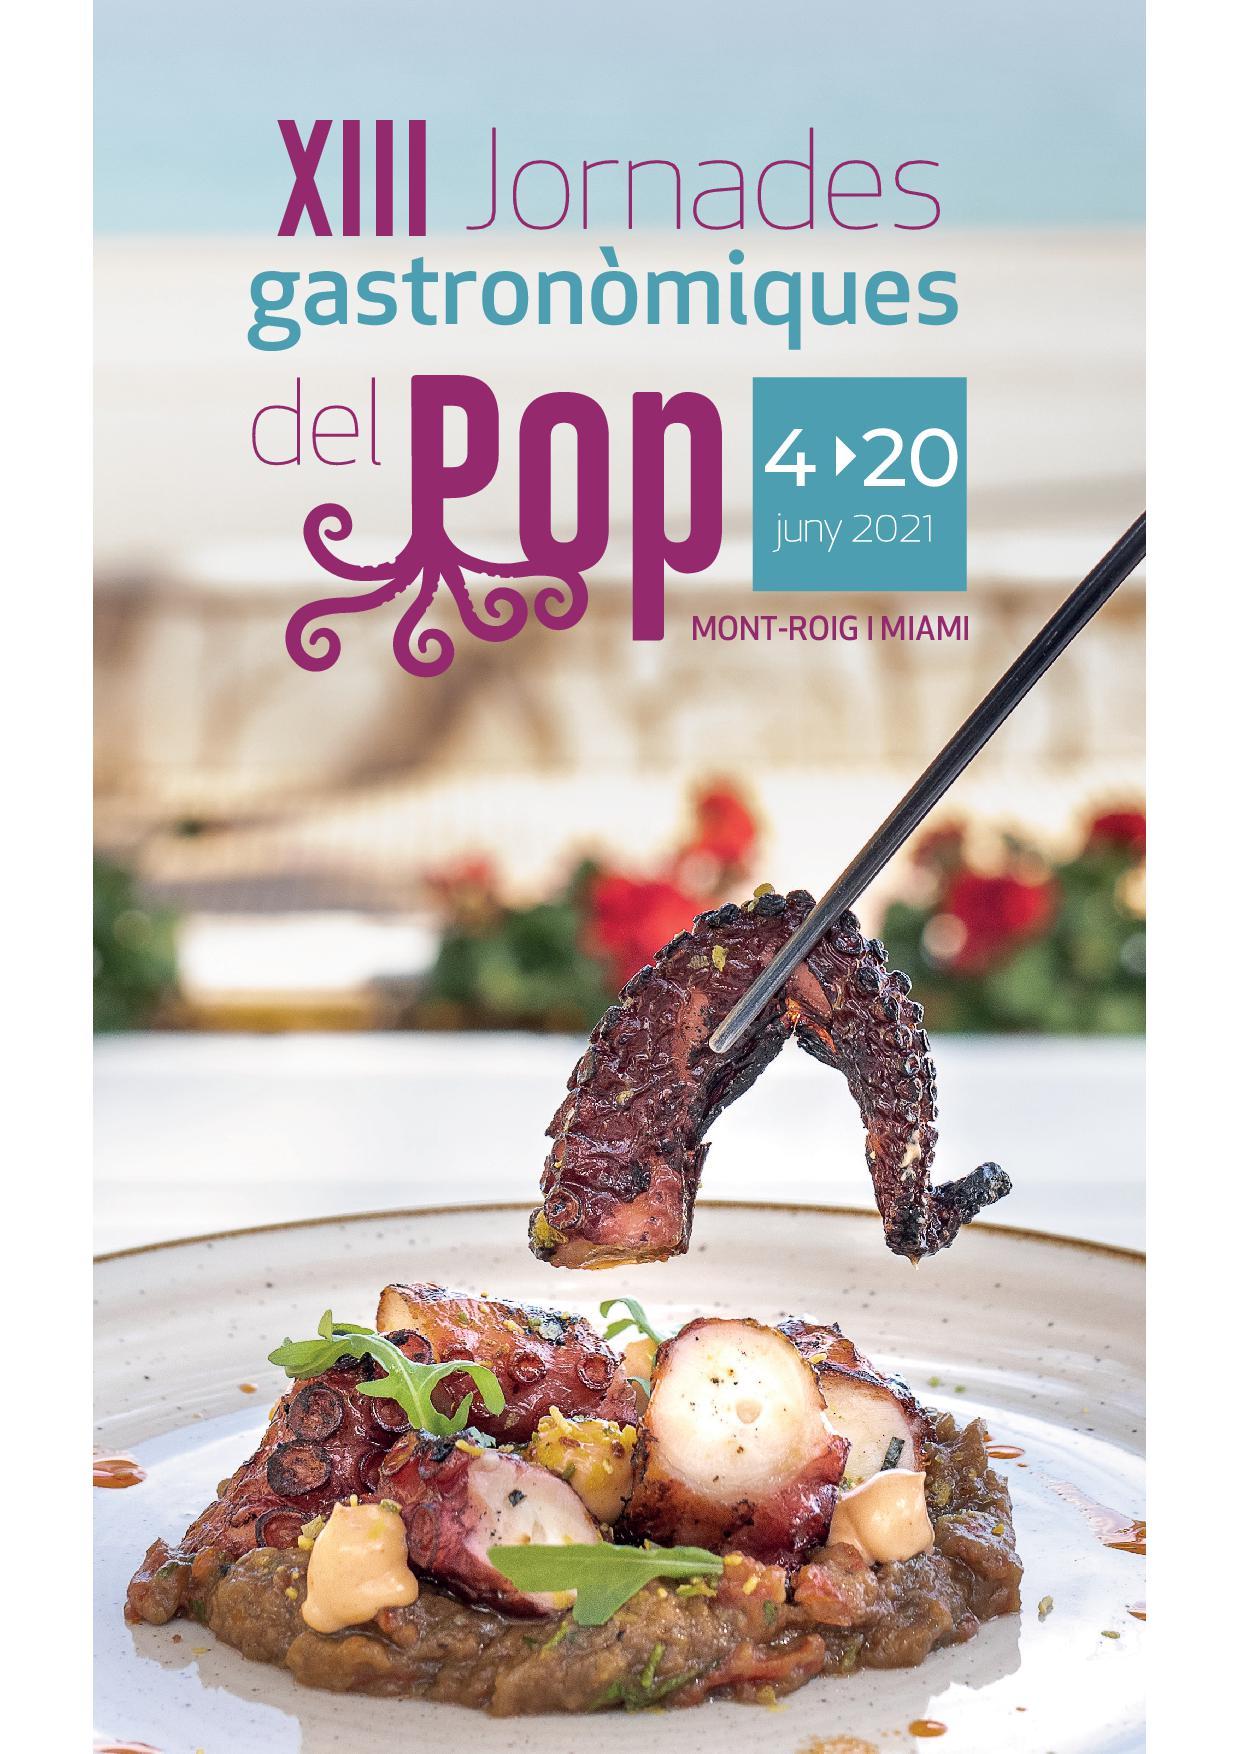 XIII Jornades Gastronòmiques del Pop